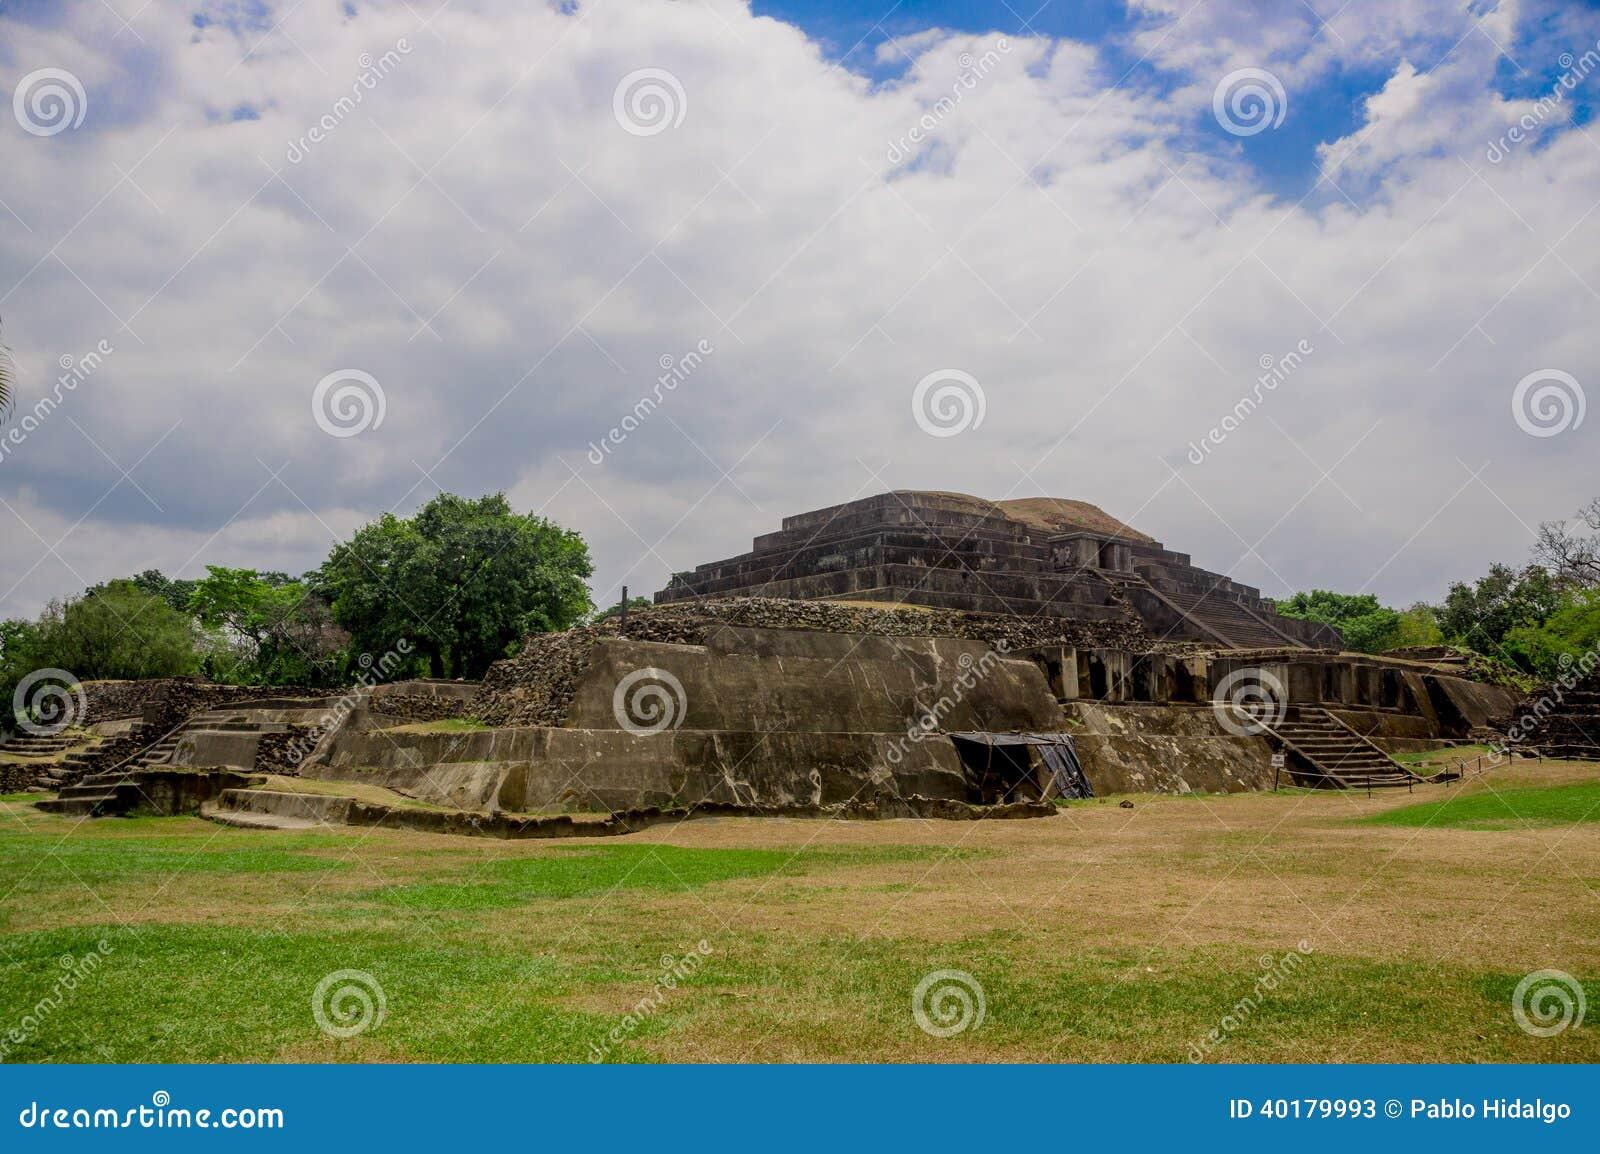 Ruinas mayas - El Salvador